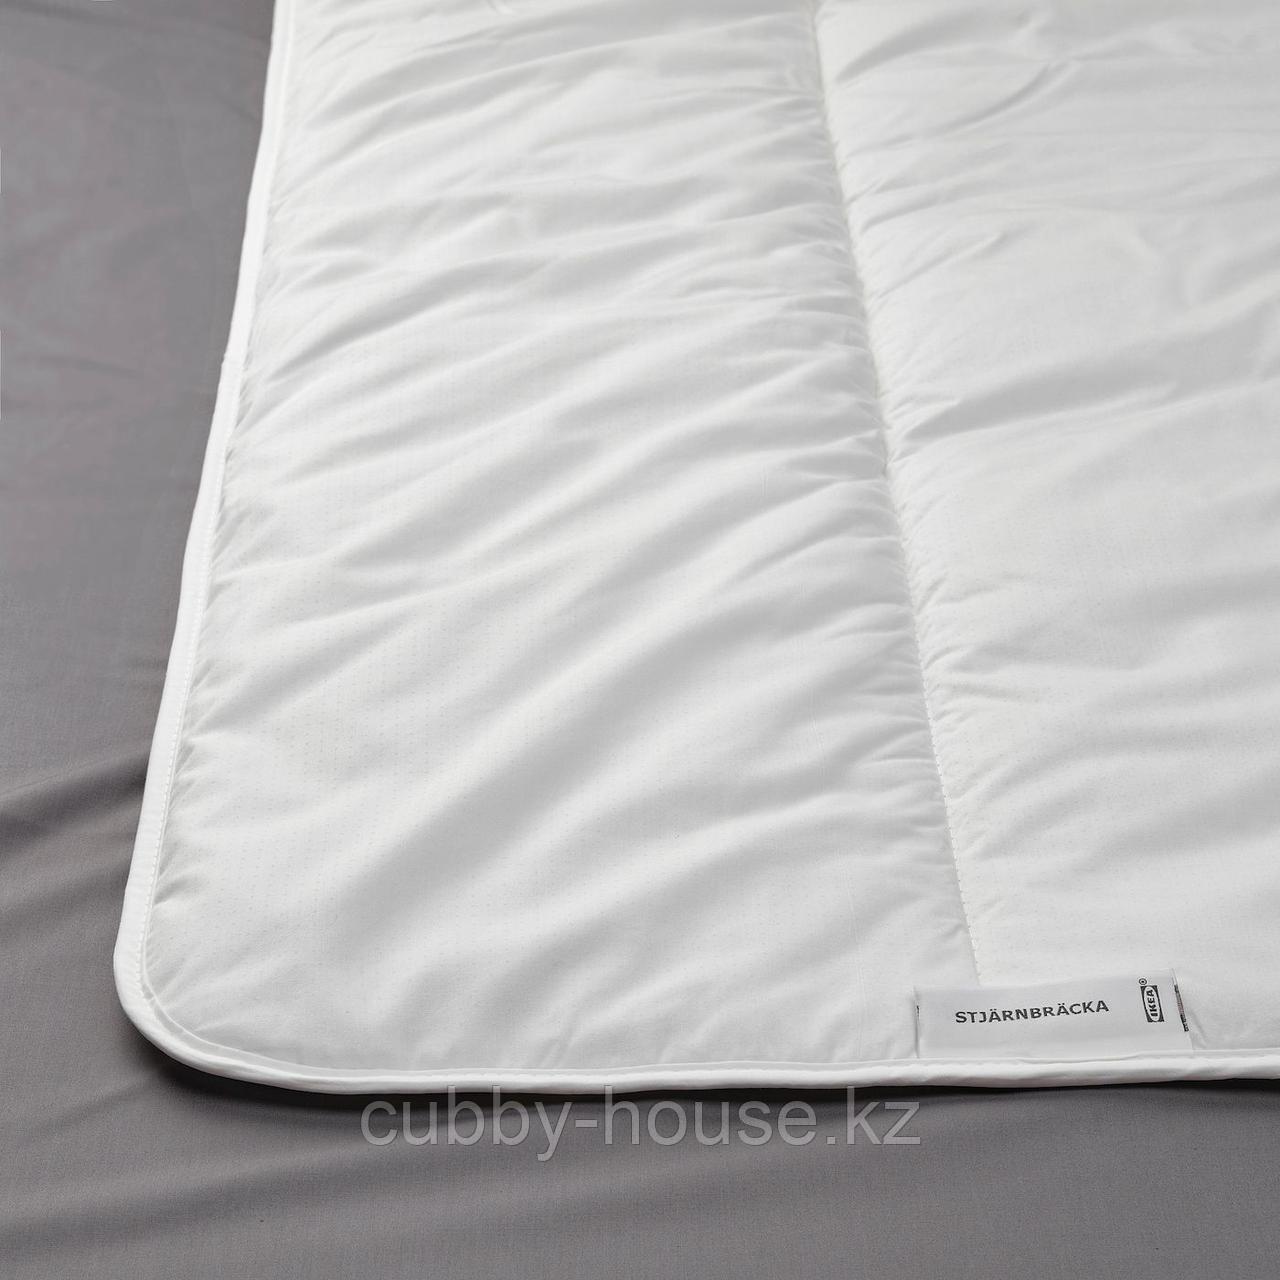 СТЭРНБРЭККА Одеяло теплое, 200x200 см